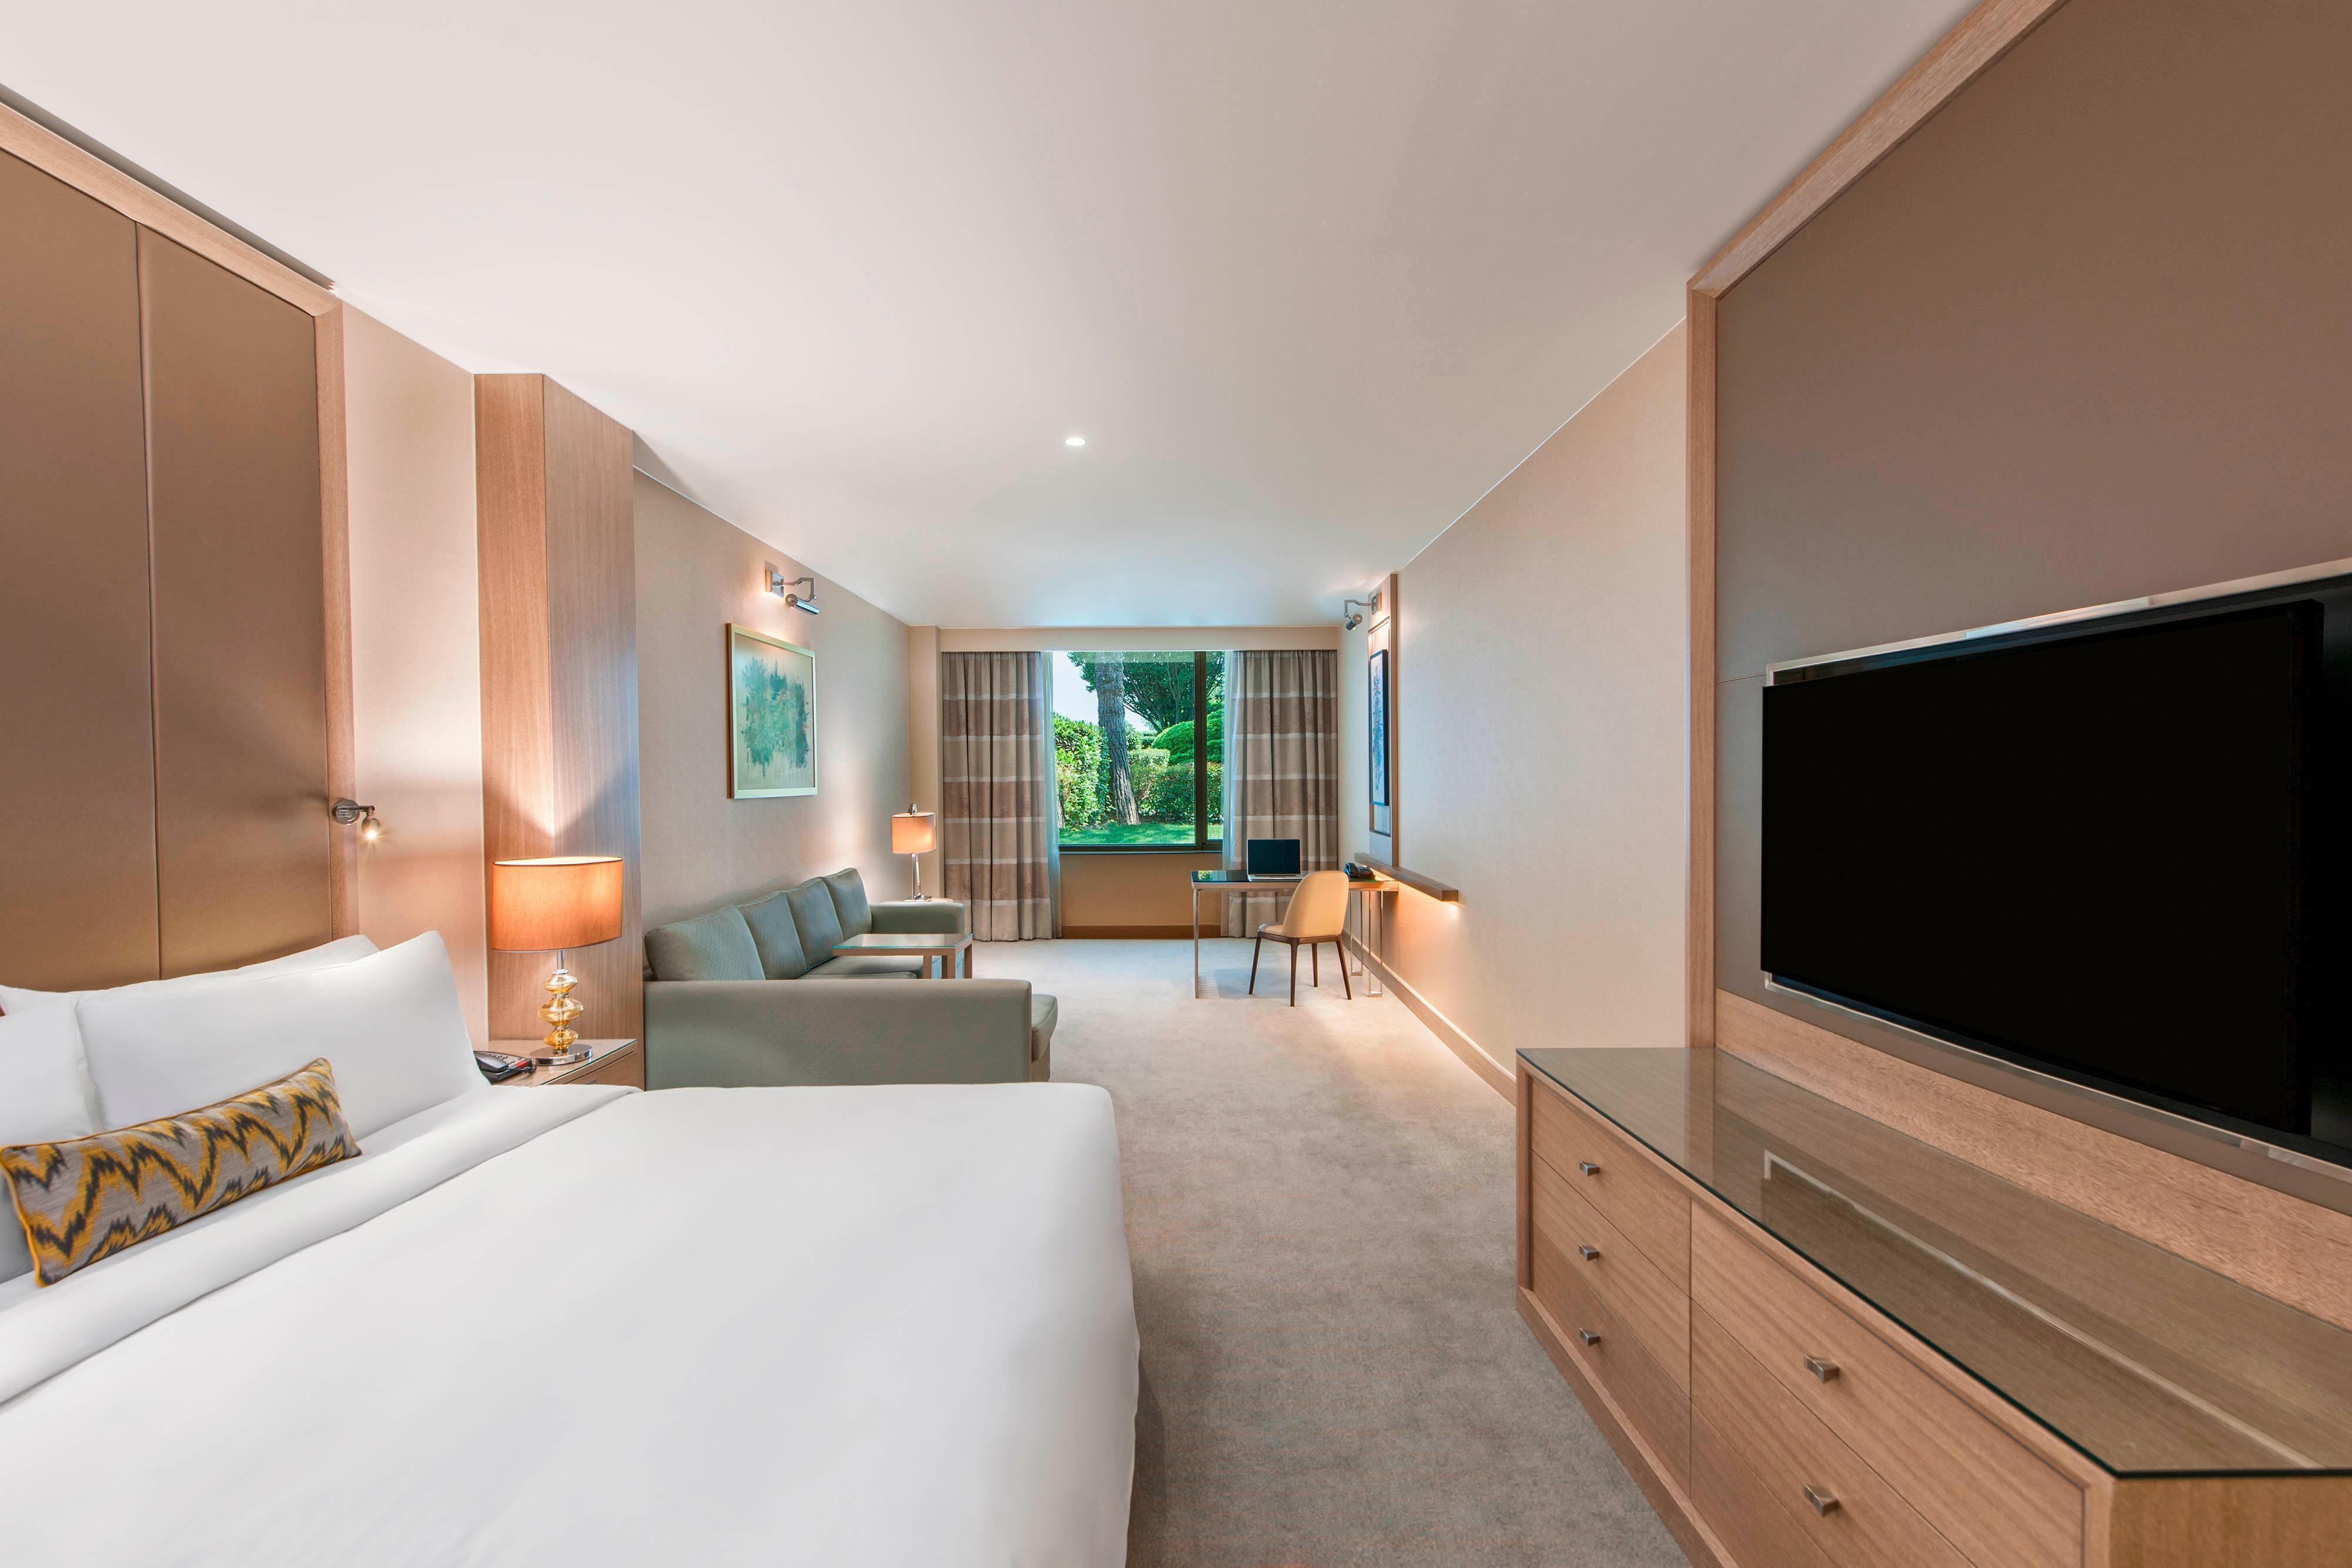 Chambre Deluxe avec lit king size et vue sur le jardin